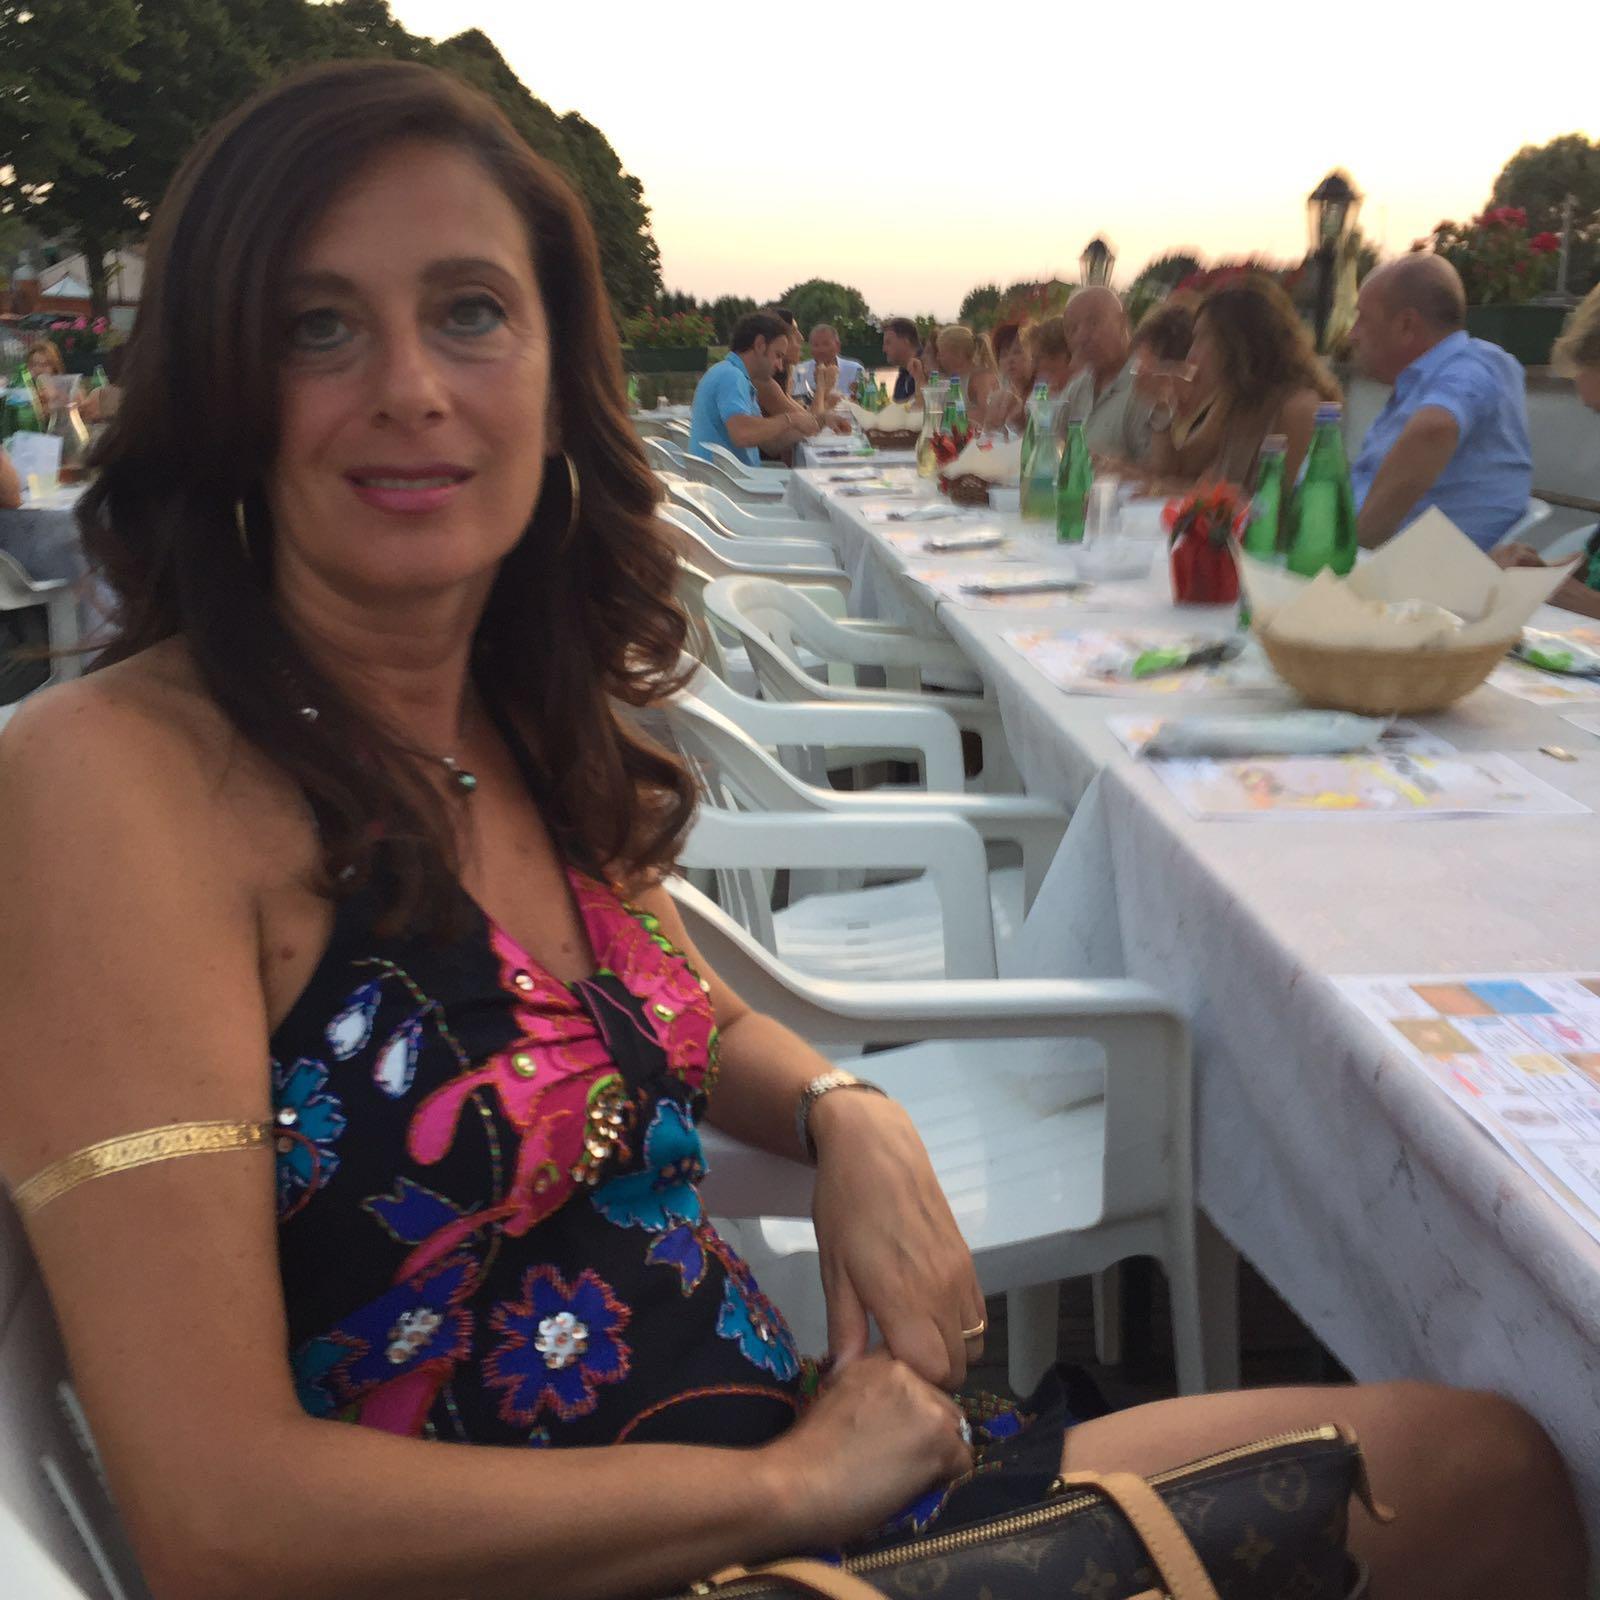 Annamaria Mariotti